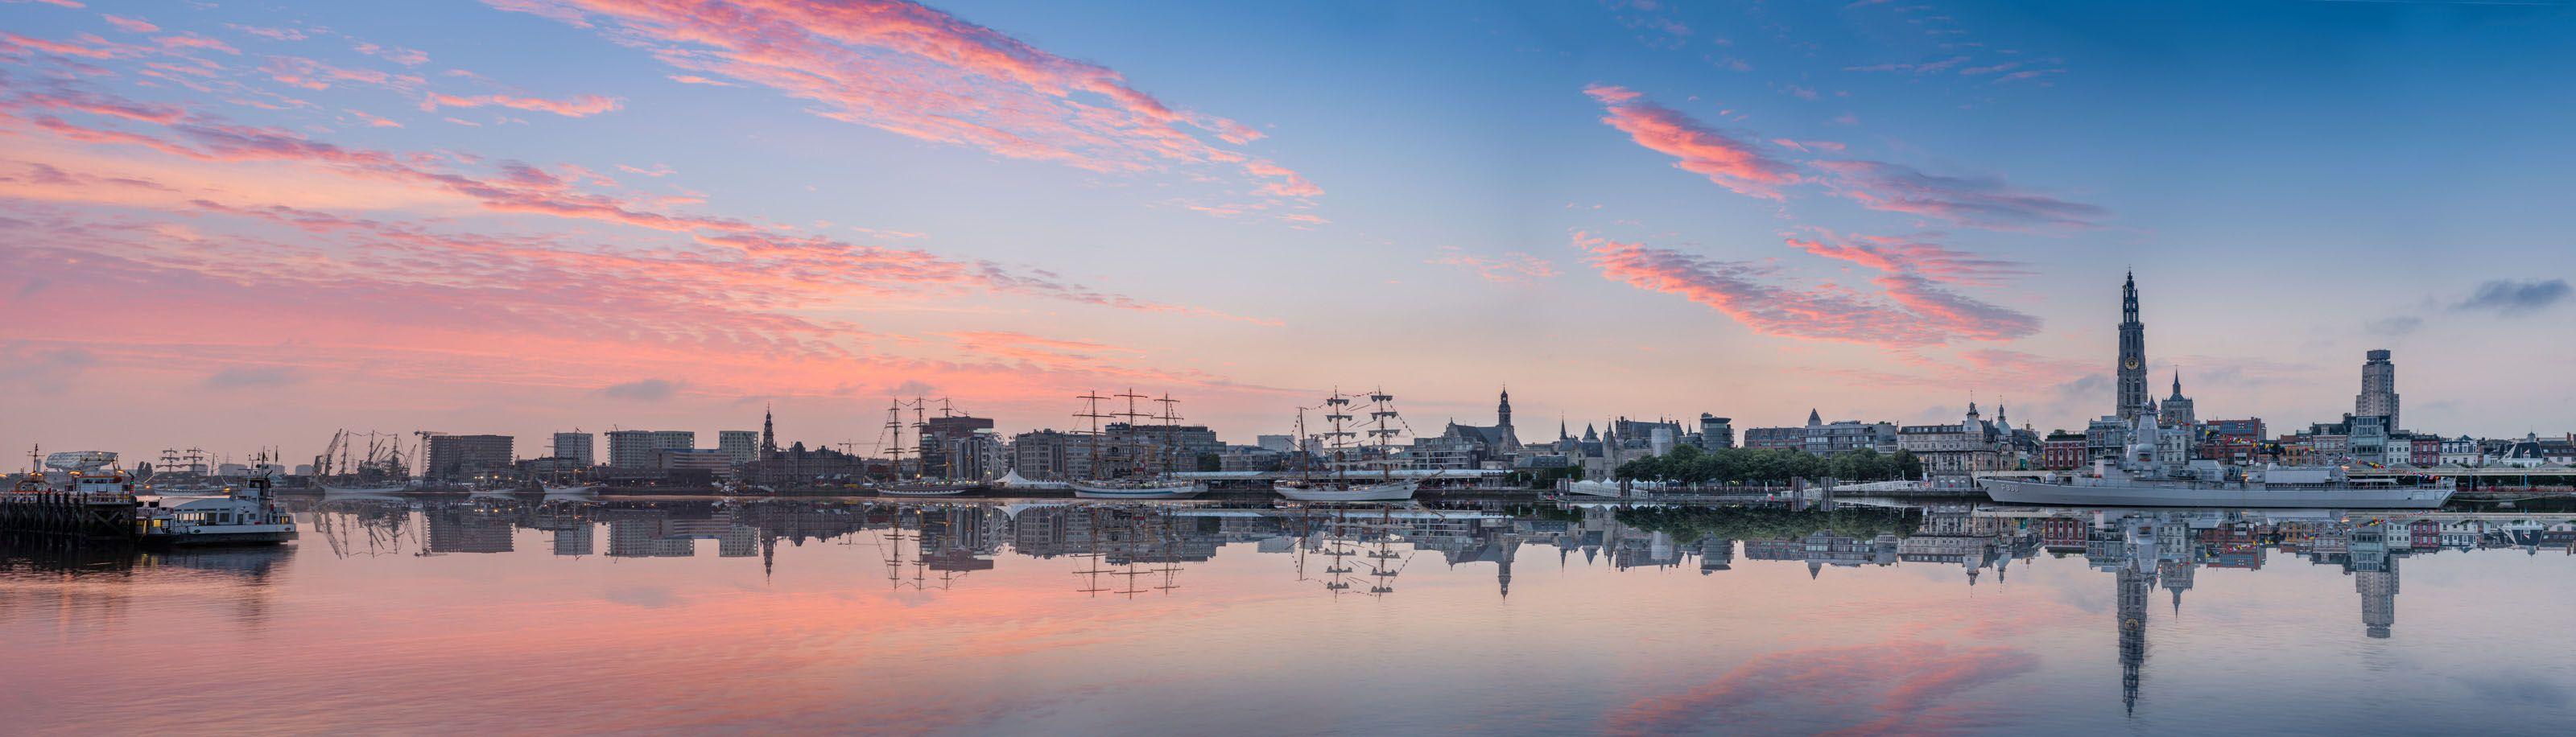 Panorama van de skyline van Antwerpen